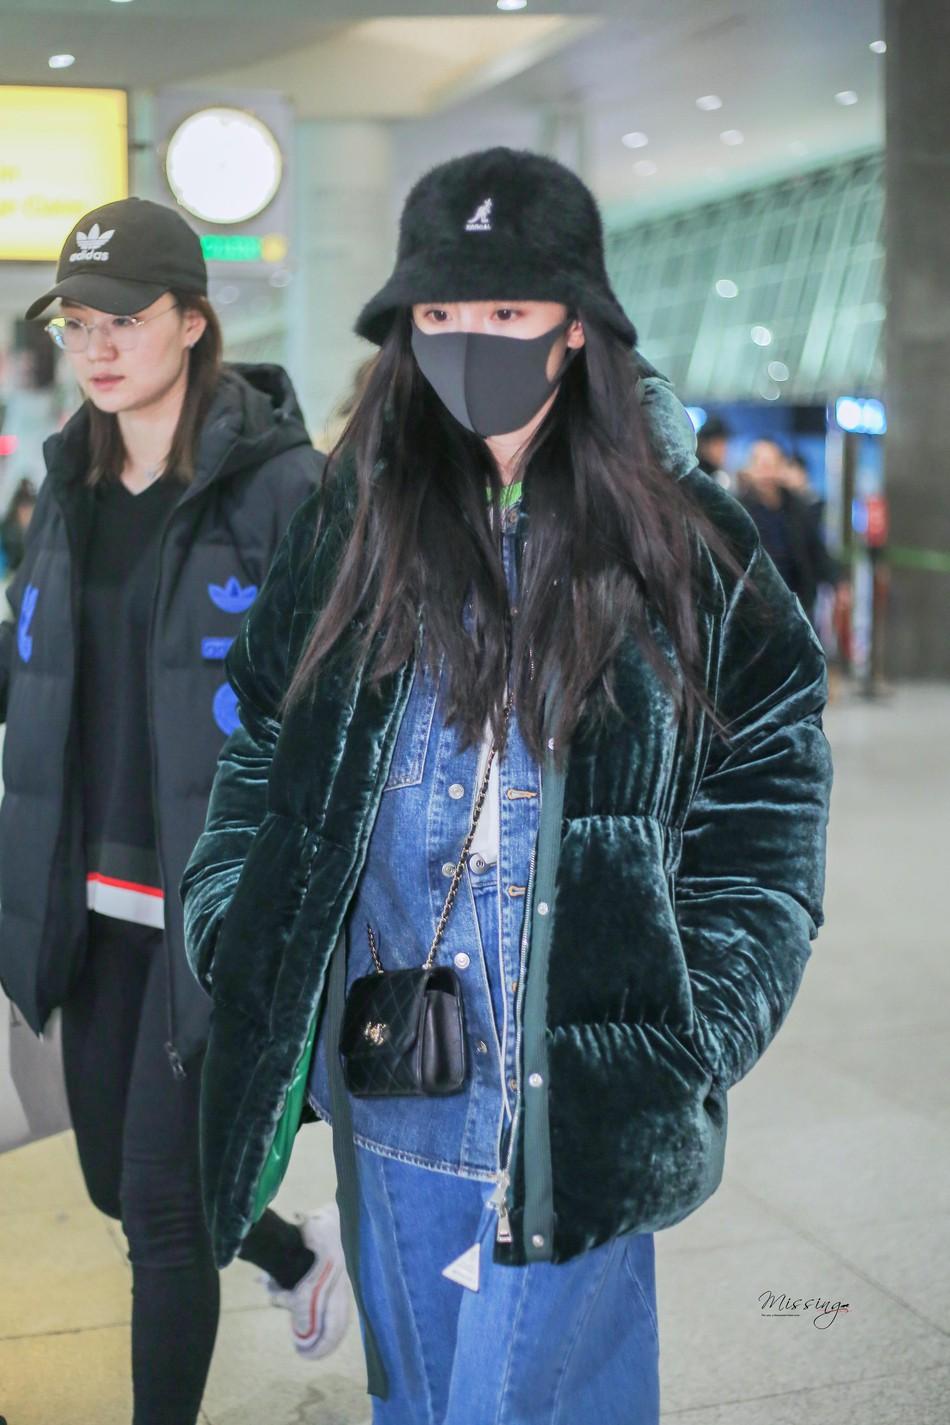 Sau kỳ nghỉ Tết không ở bên con gái, Dương Mịch lặng lẽ để mặt mộc lên đường sang New York dự tuần lễ thời trang - Ảnh 3.